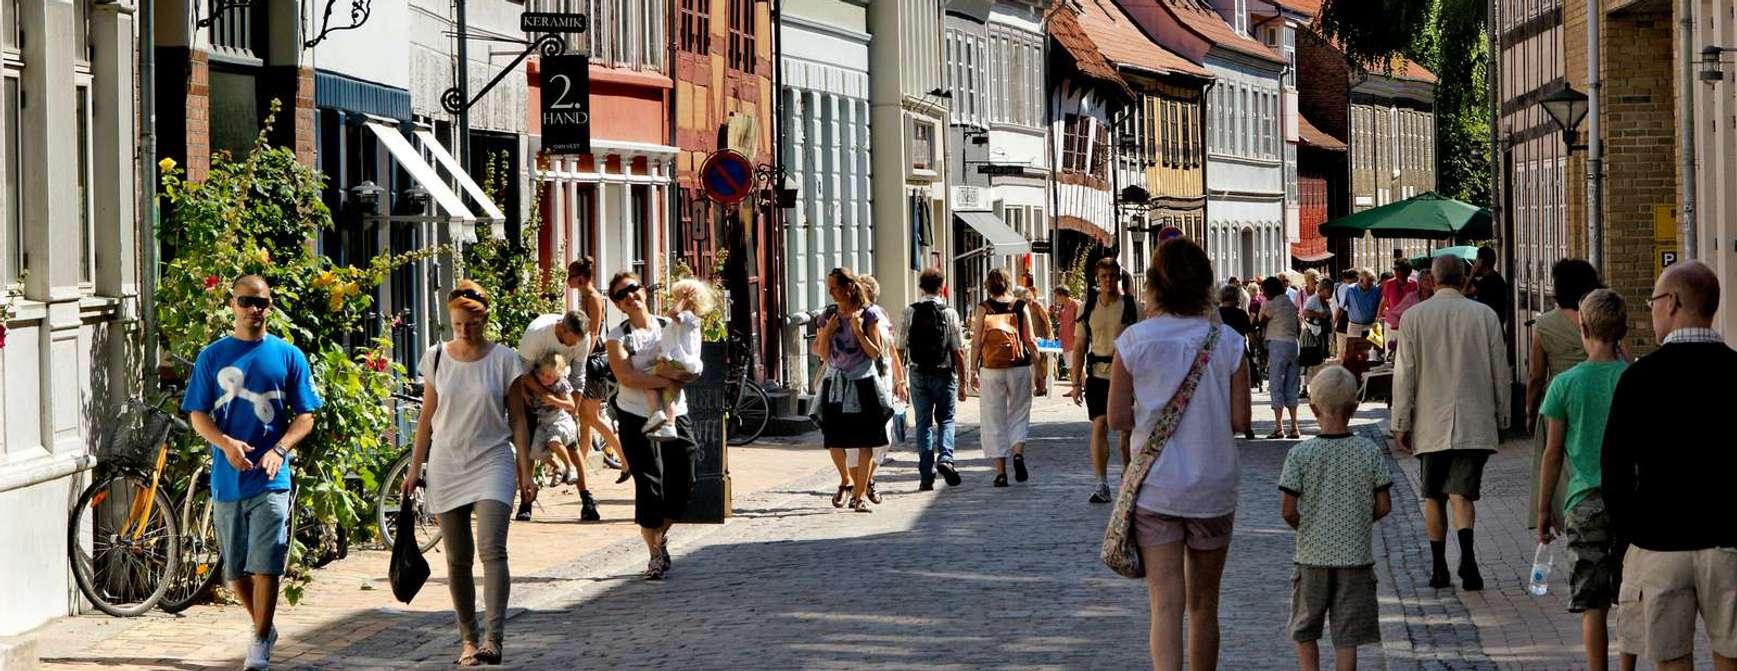 Sjarm i rikt monn. Odense har bøttevis av sjarm. Foto: Visit Denmark